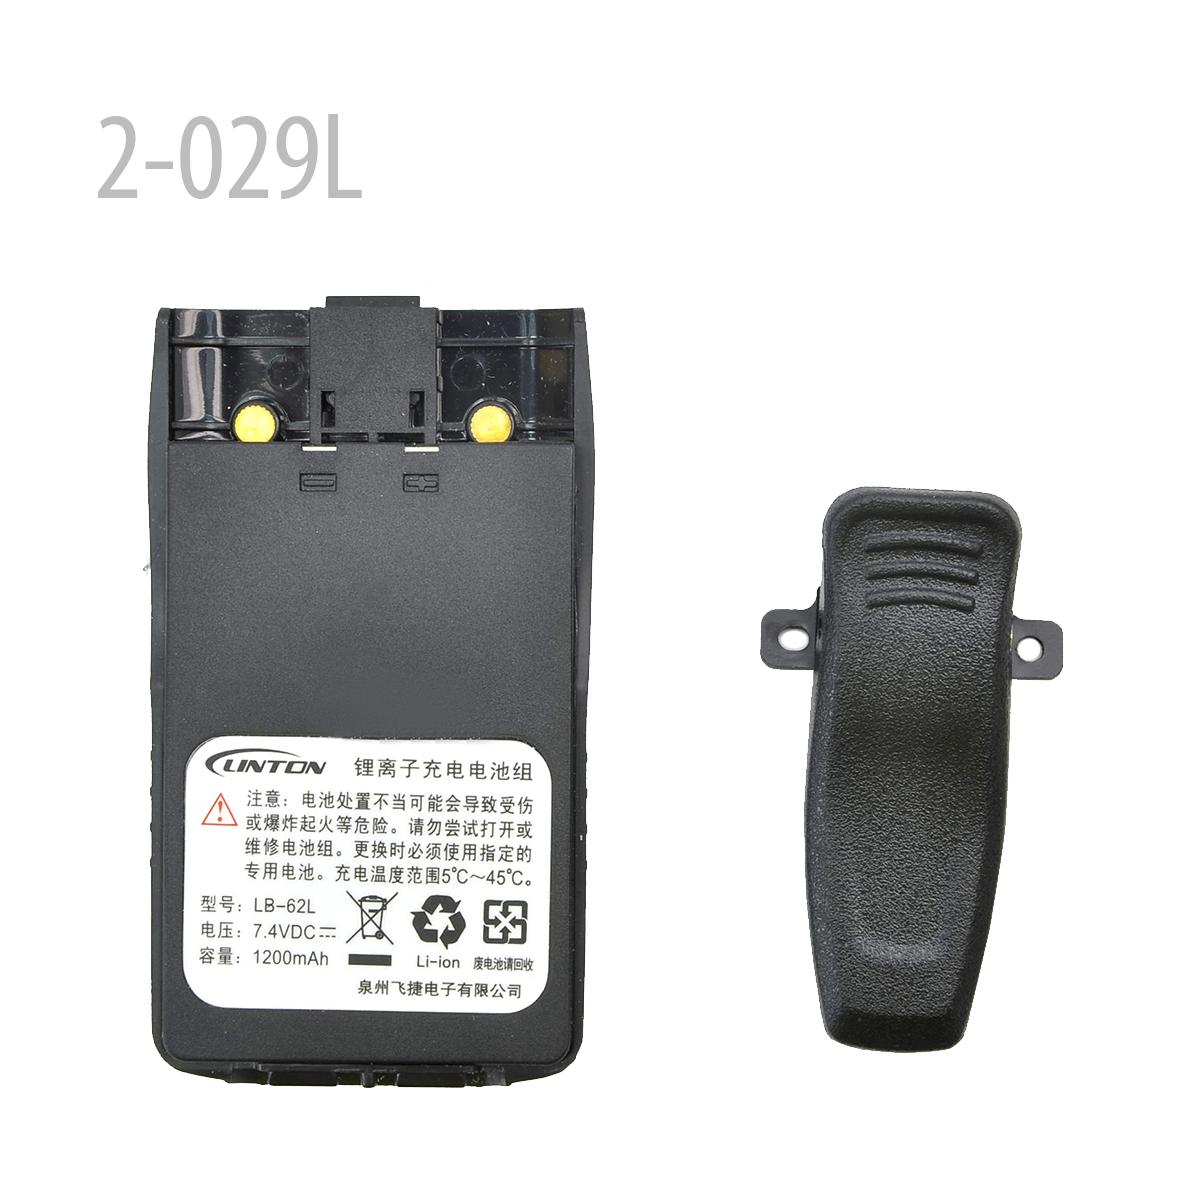 Original battery forLINTON